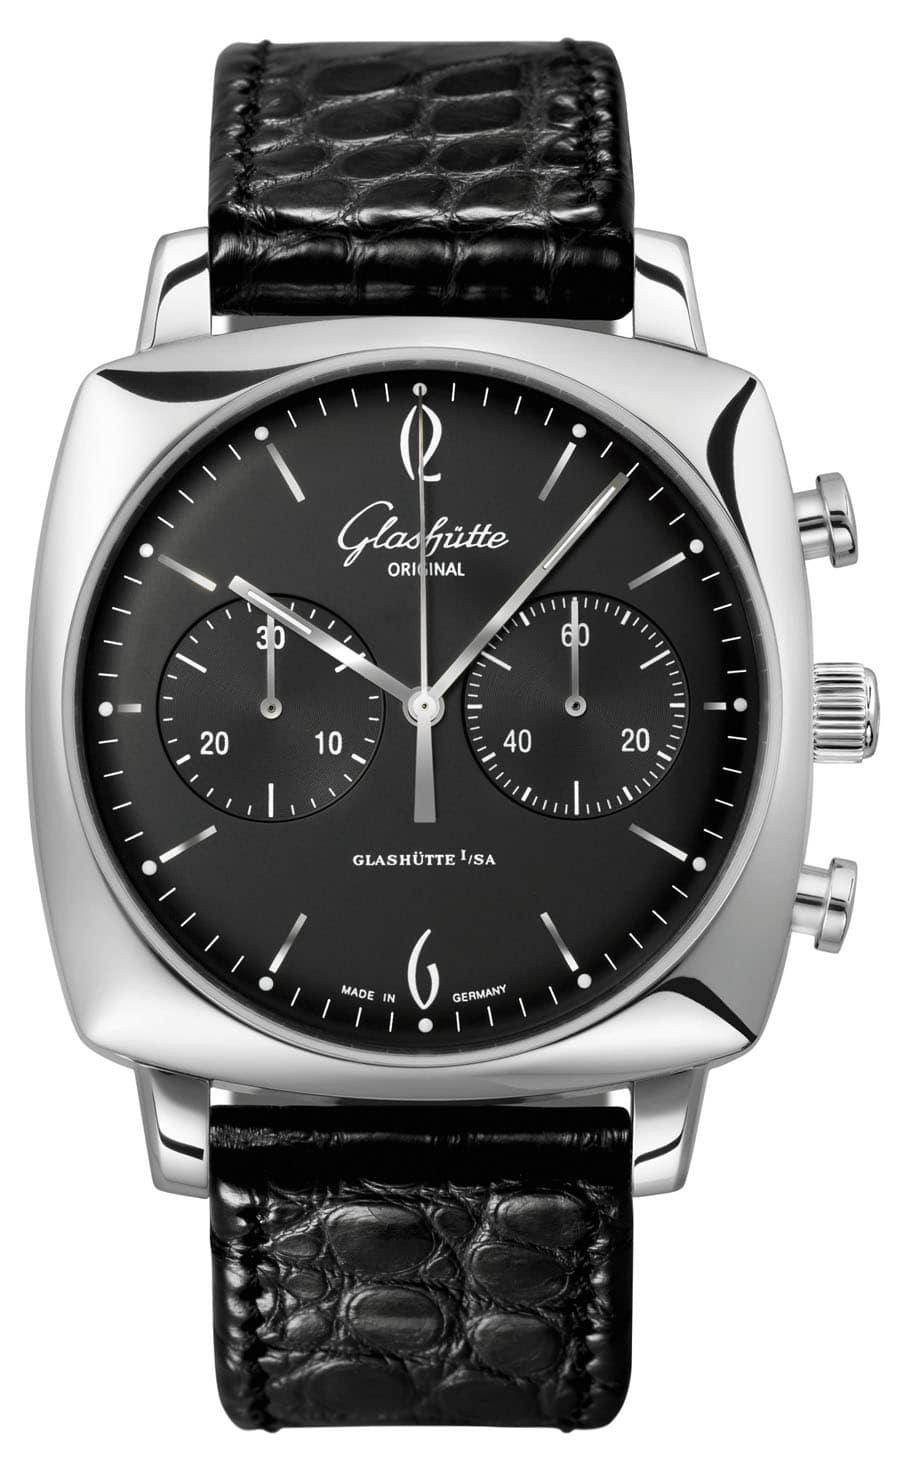 Uhren-Ikonen und ihre Alternativen: Glashütte Original Sixties Square Chronograph